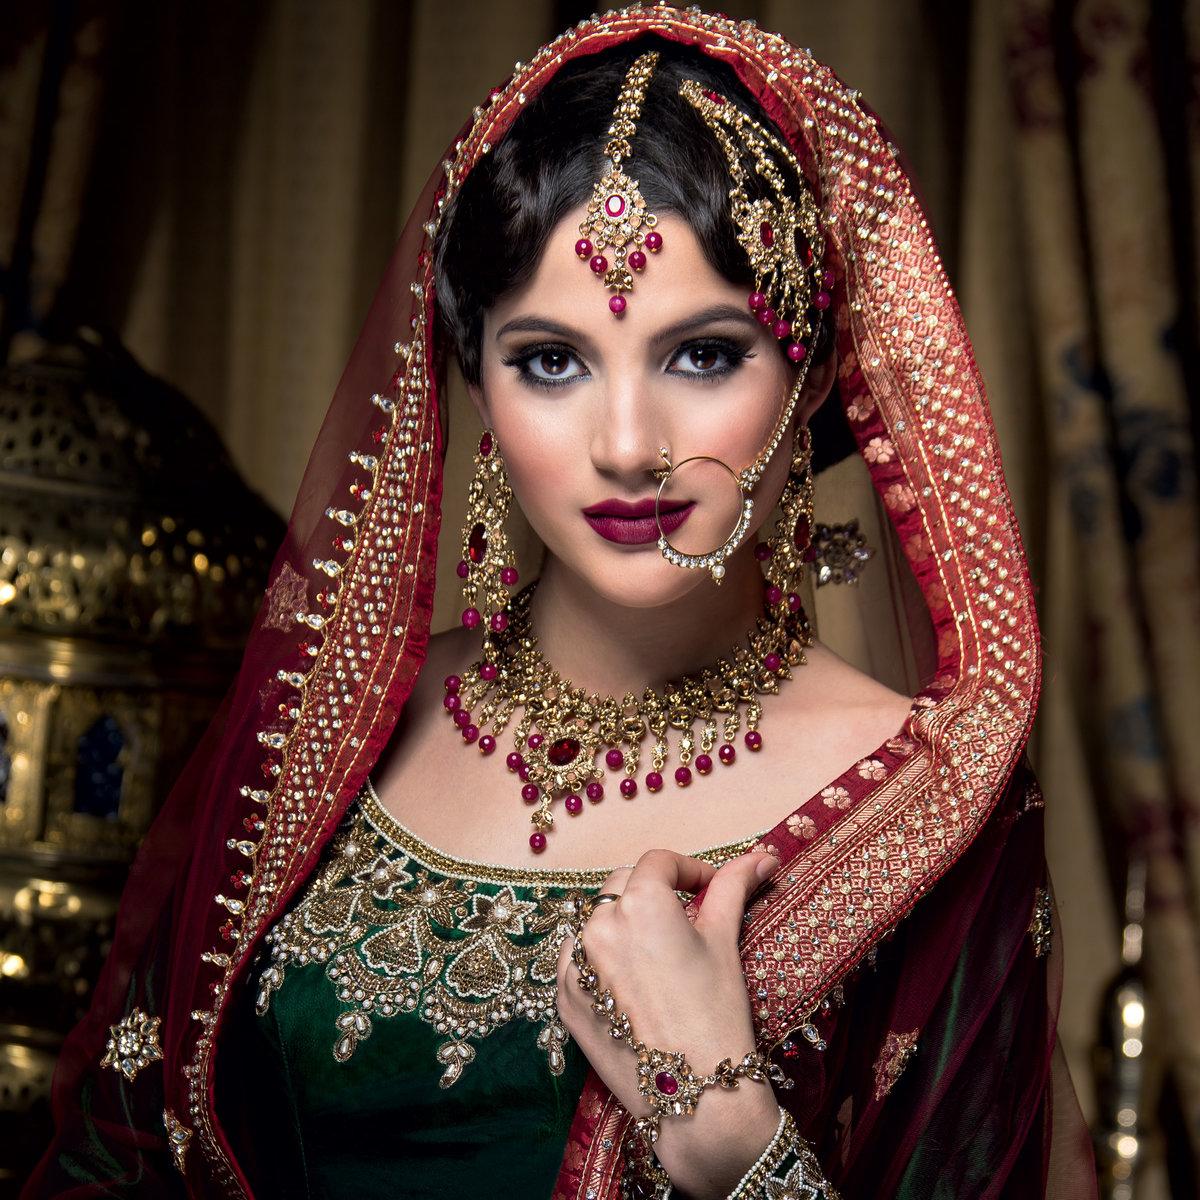 так как образ индианки для фотосессии сможете быстро